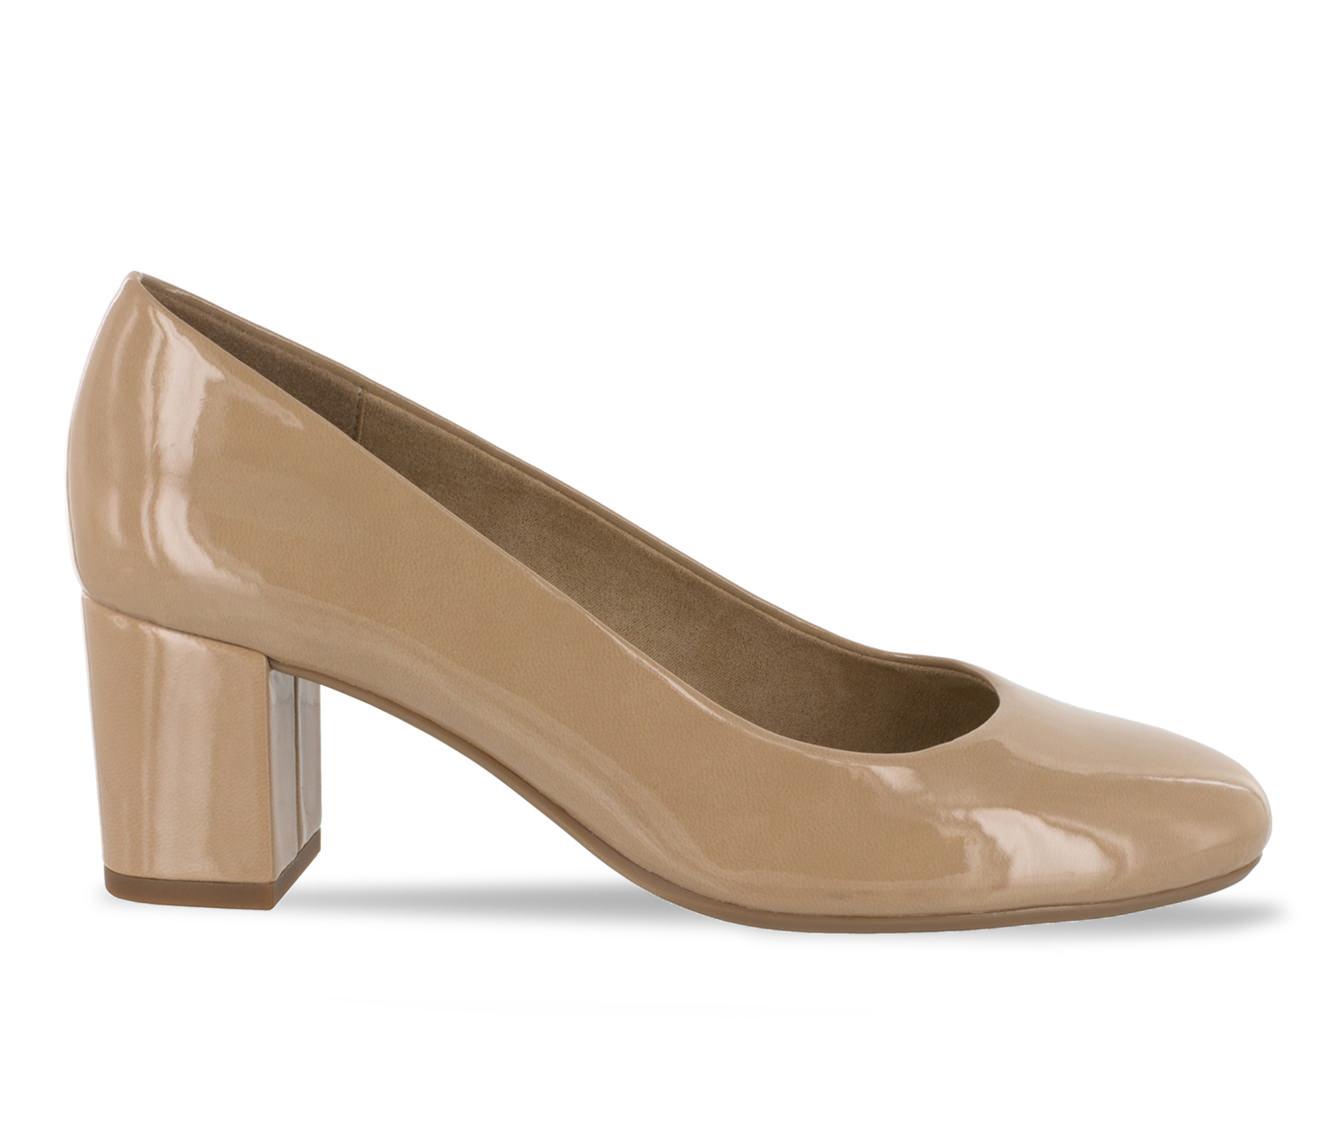 Easy Street Proper Women's Dress Shoe (Beige Faux Leather)